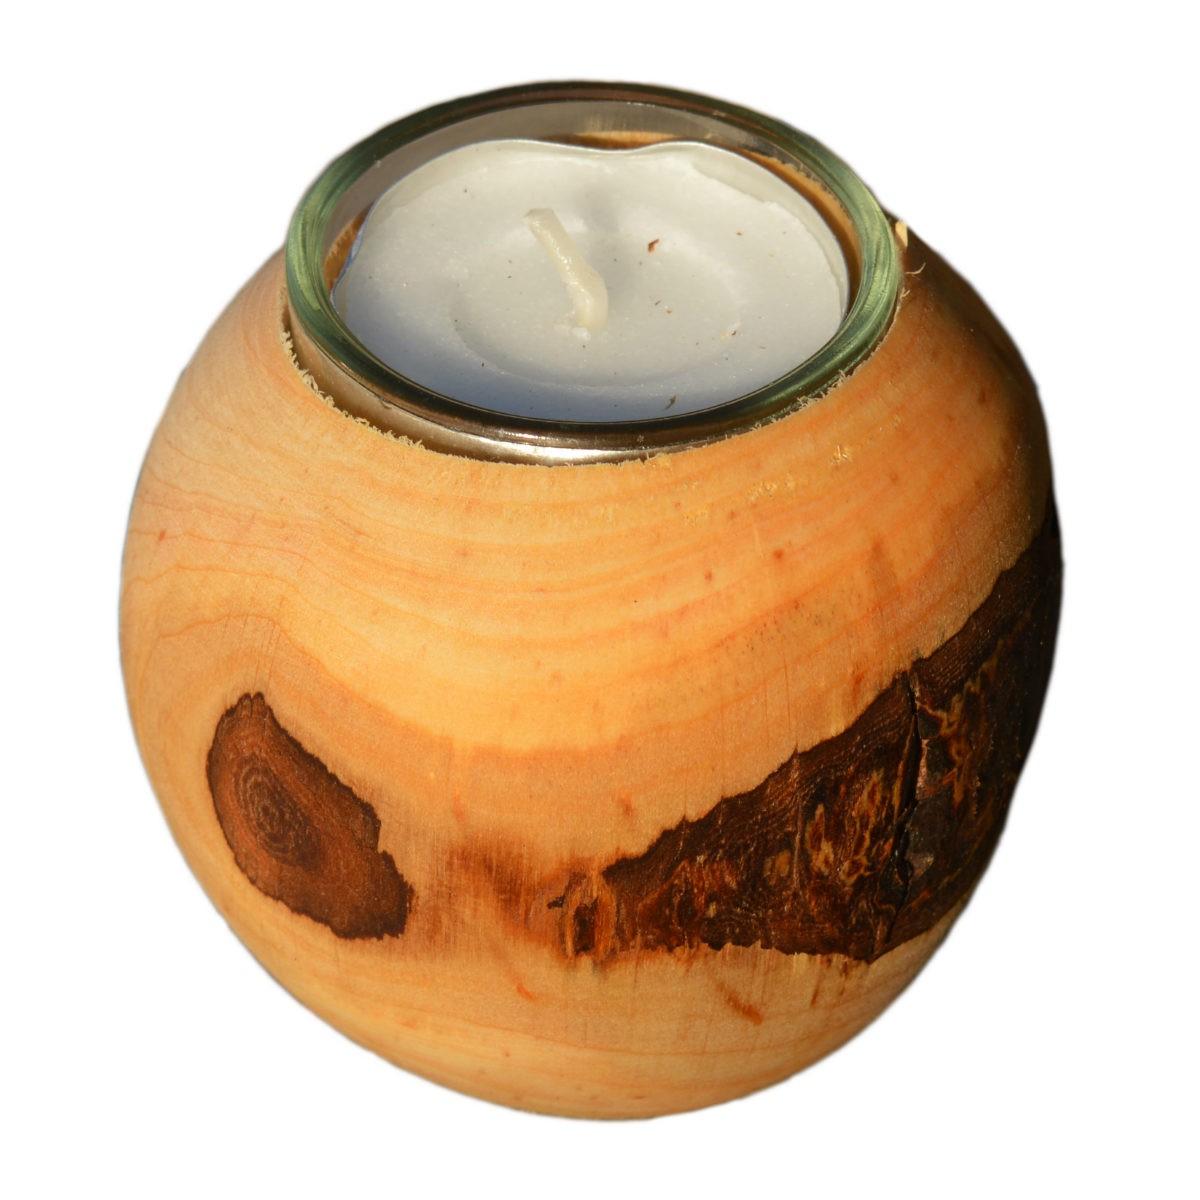 Rinden Teelichthalter, Kugel klein Ø 7cm - Deko Teelichtkugel Holz